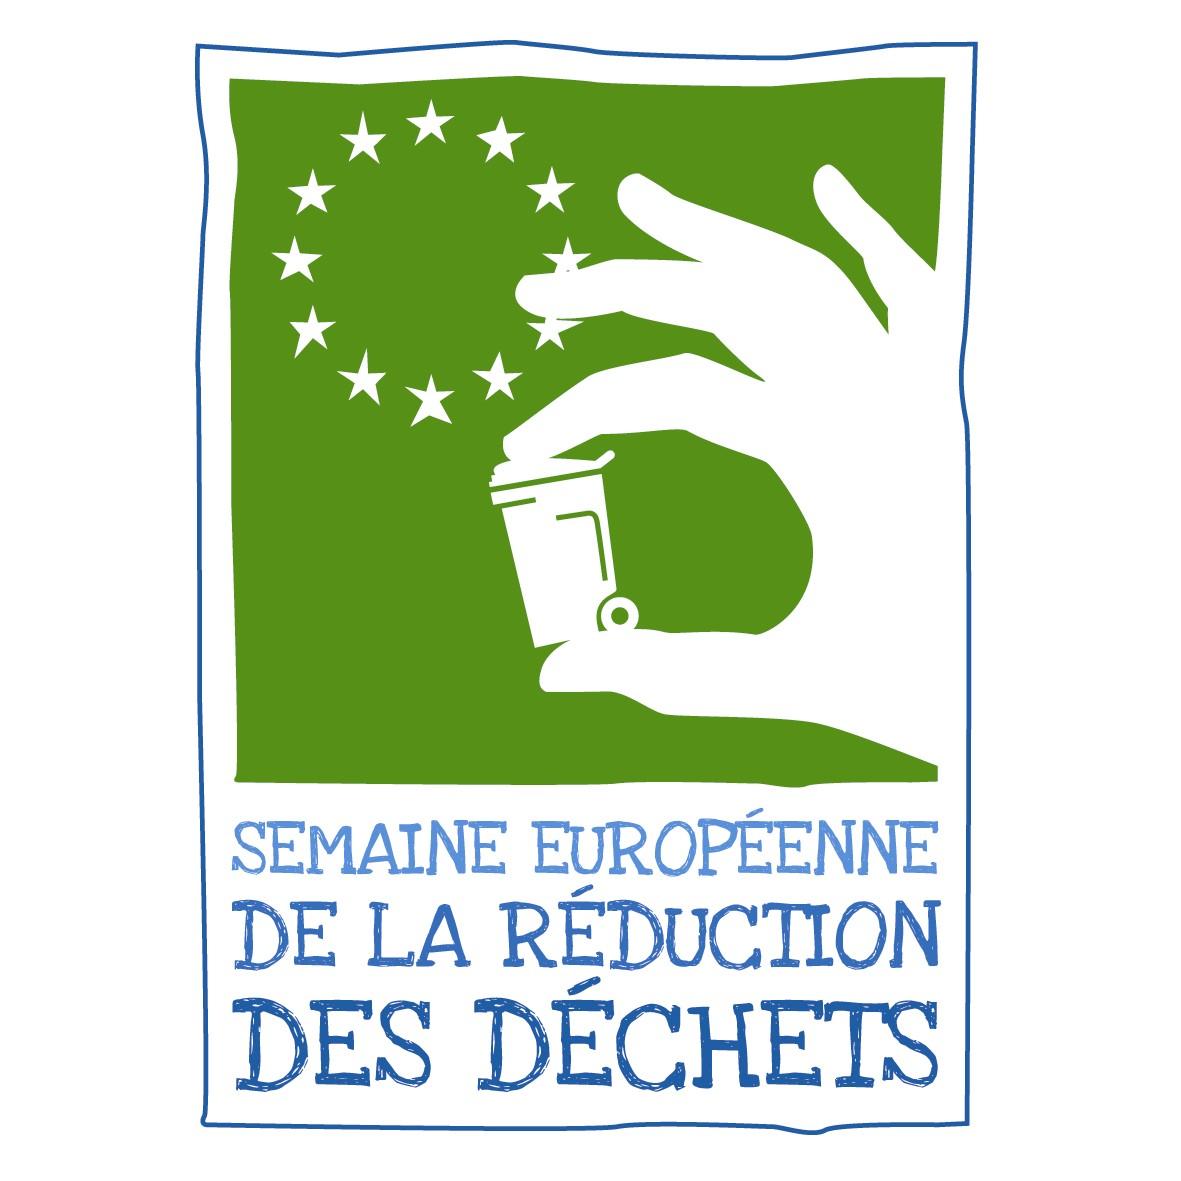 La Semaine Européenne des Réductions des Déchets (SERD)